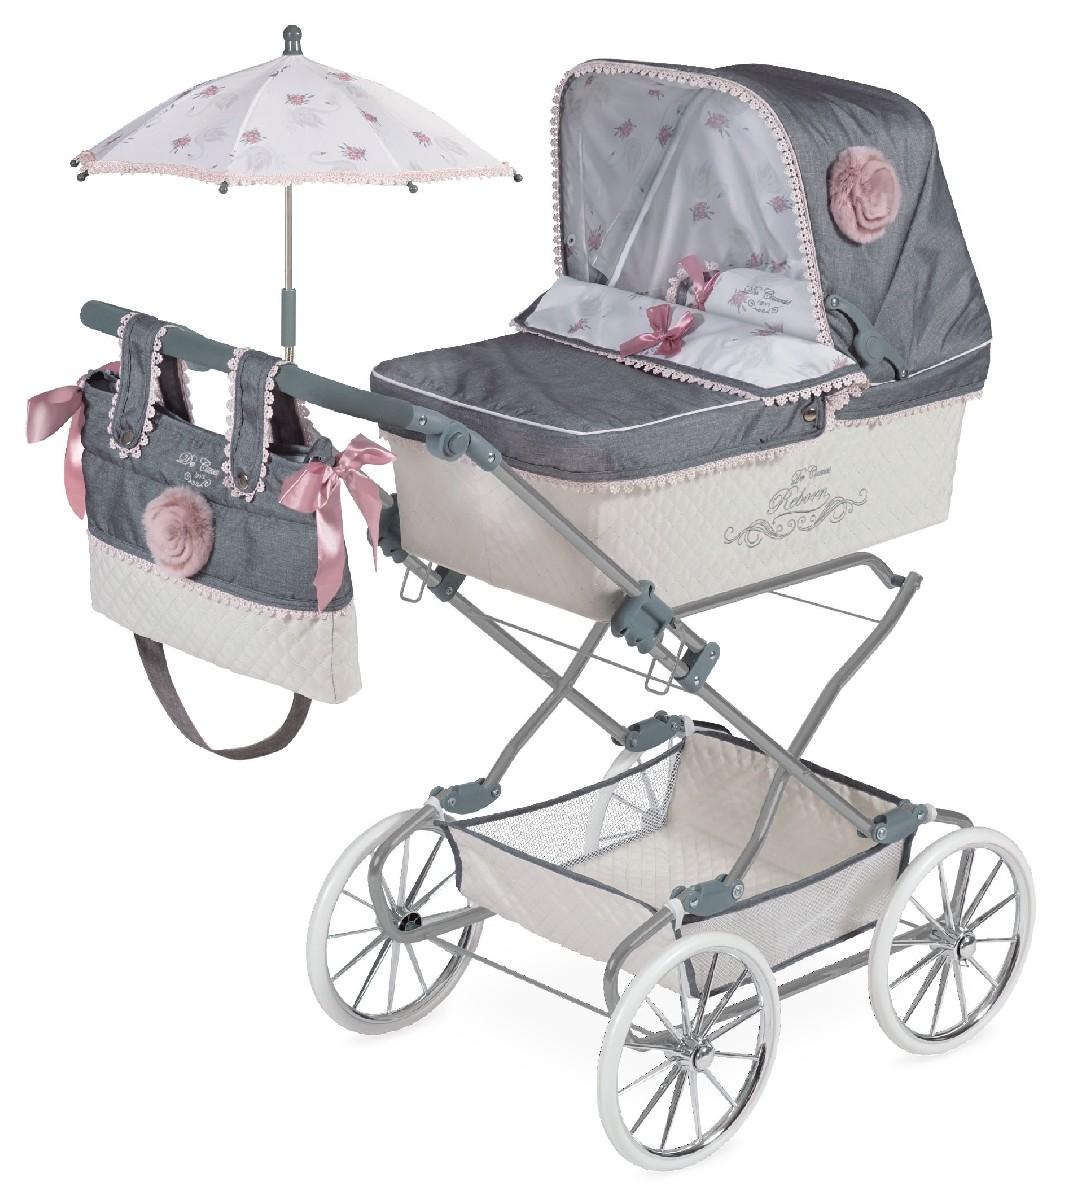 Купить Коляска с сумкой и зонтиком Реборн, 90 см., DeCuevas